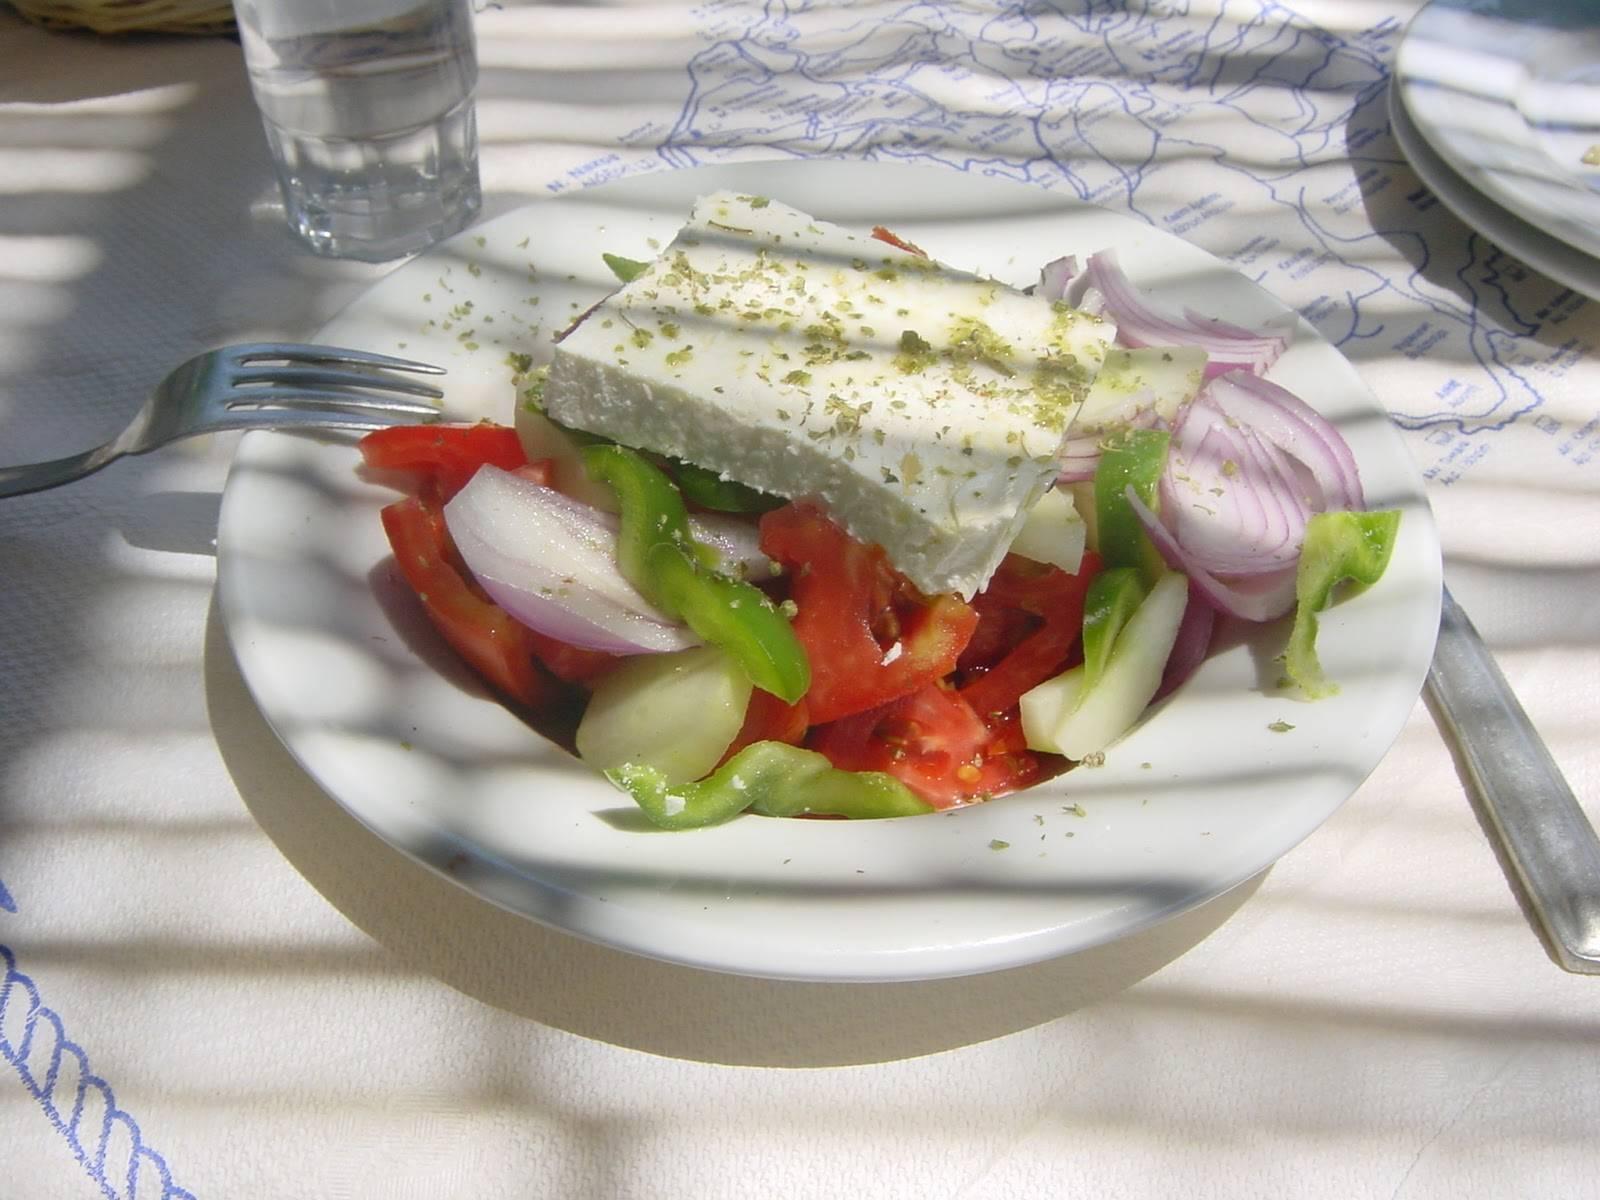 Photo 1: la salade grecque du bout du monde